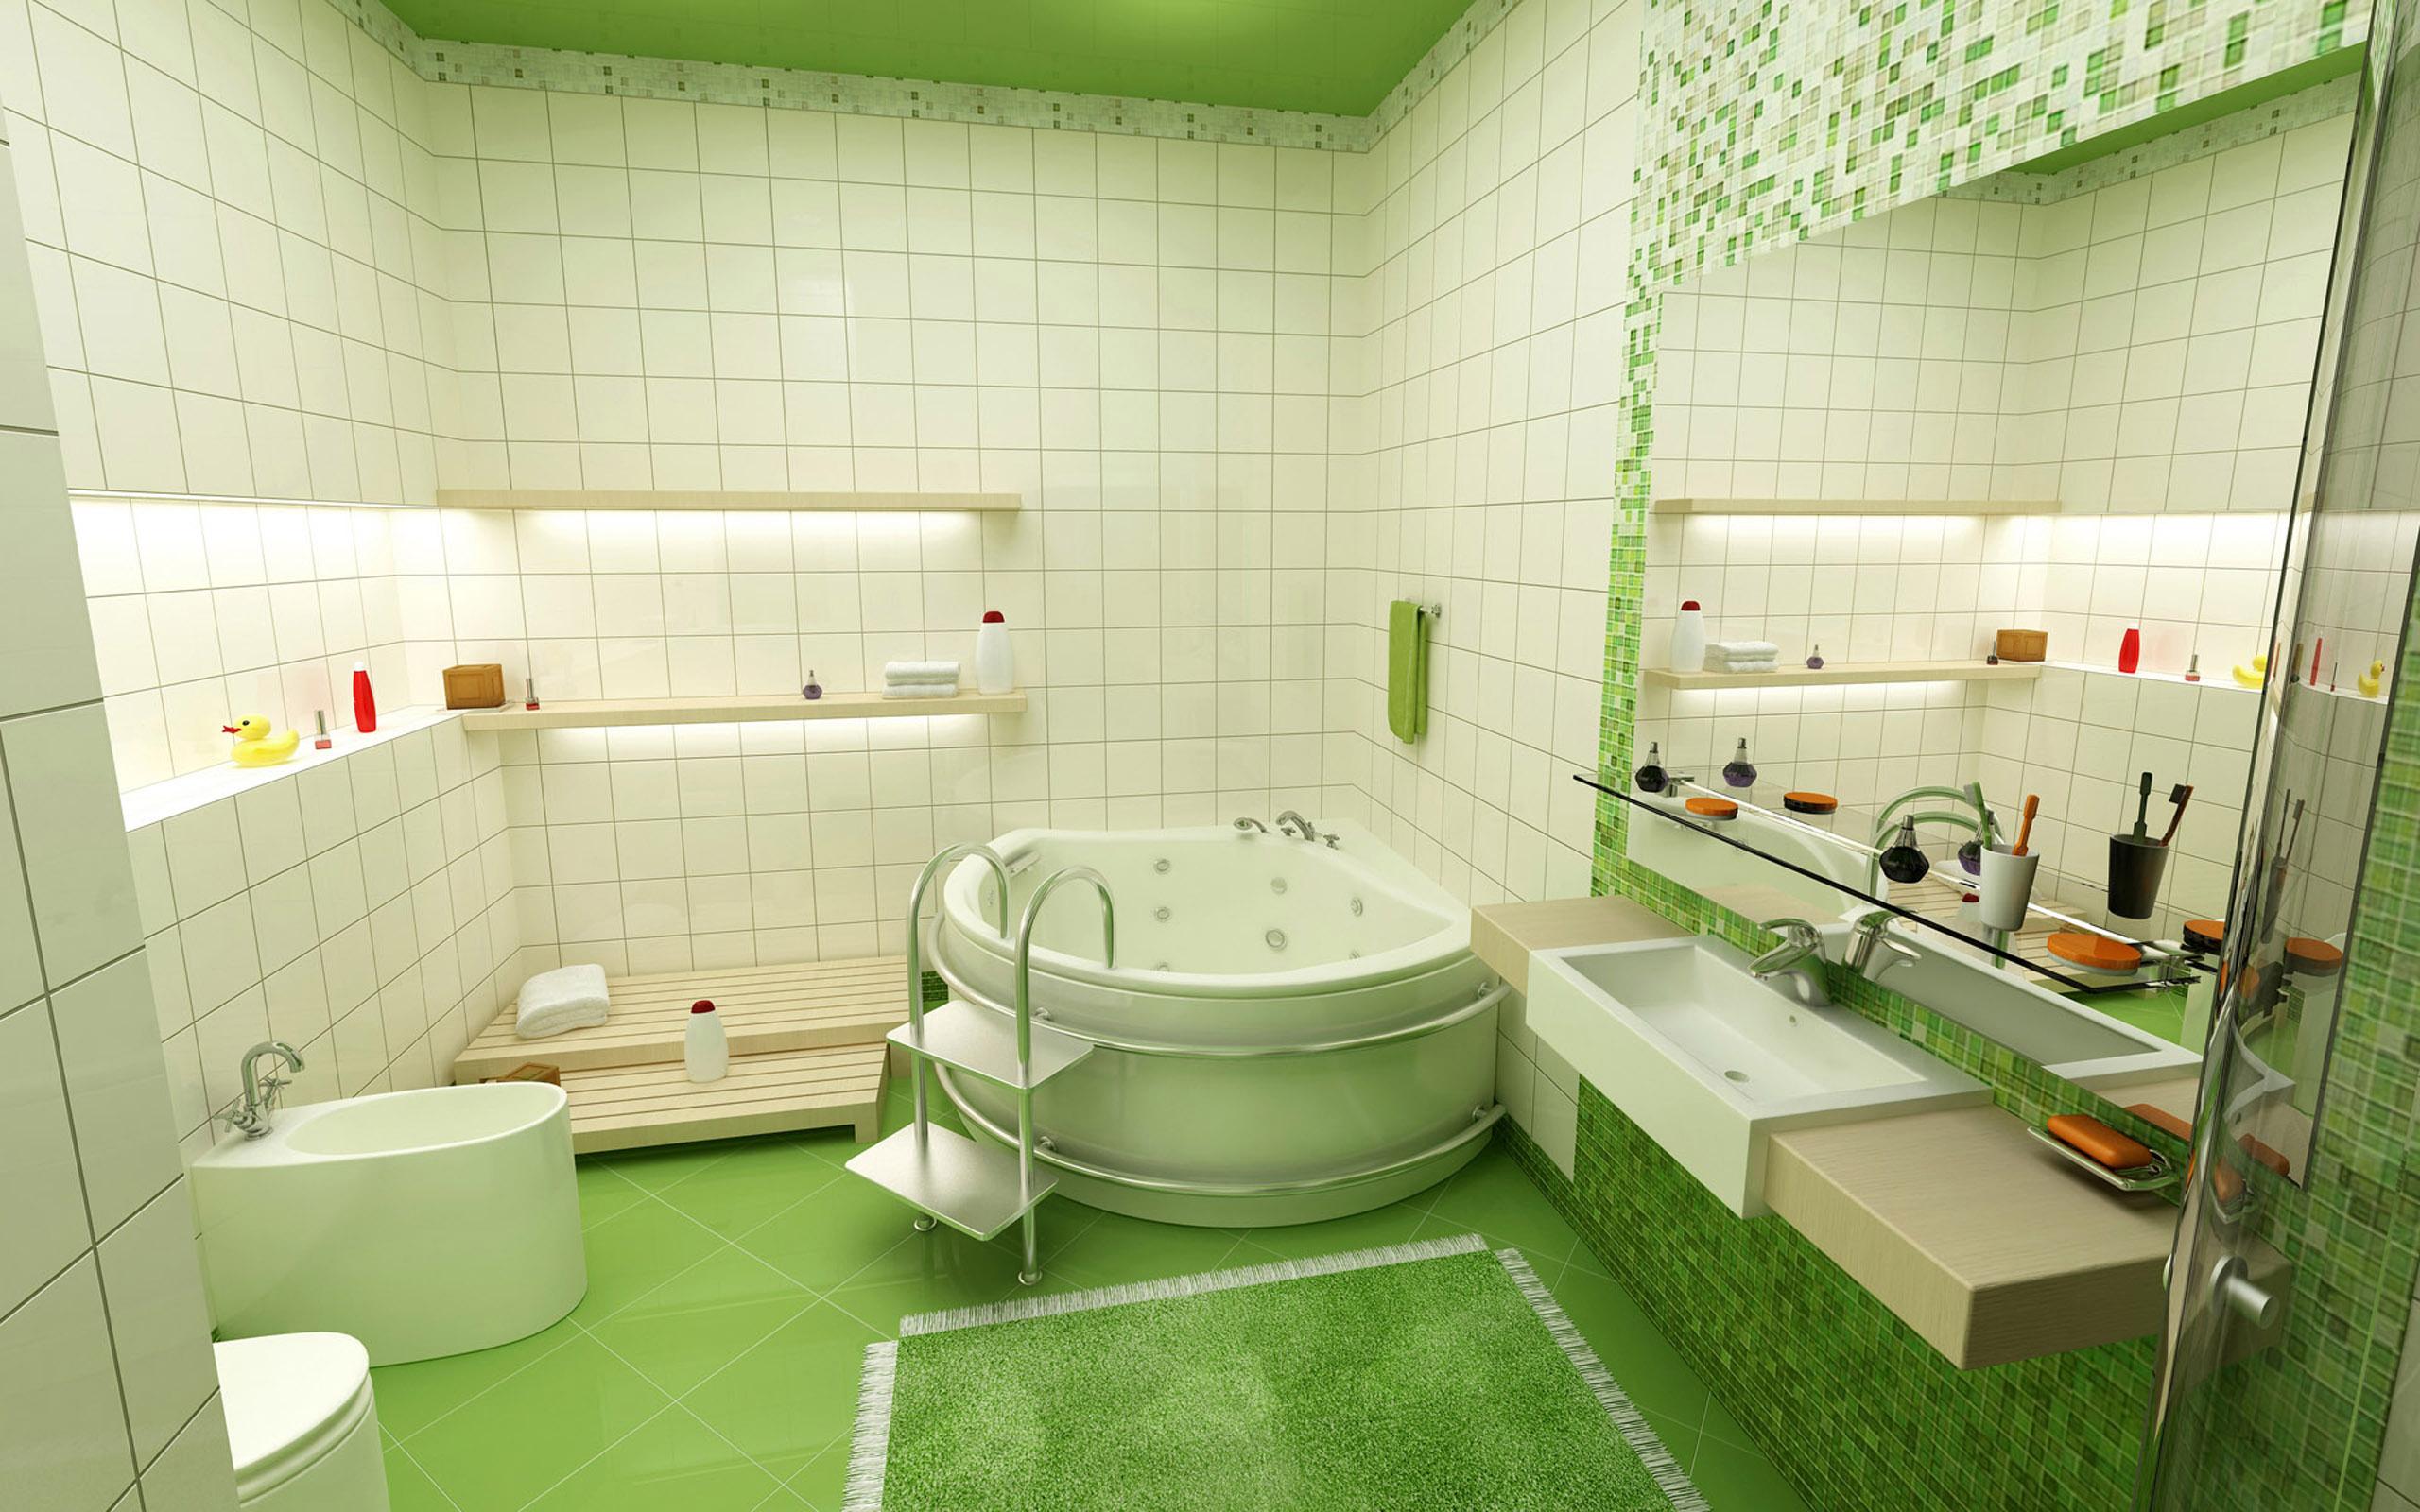 Установка своими руками ванны, раковины и унитаза